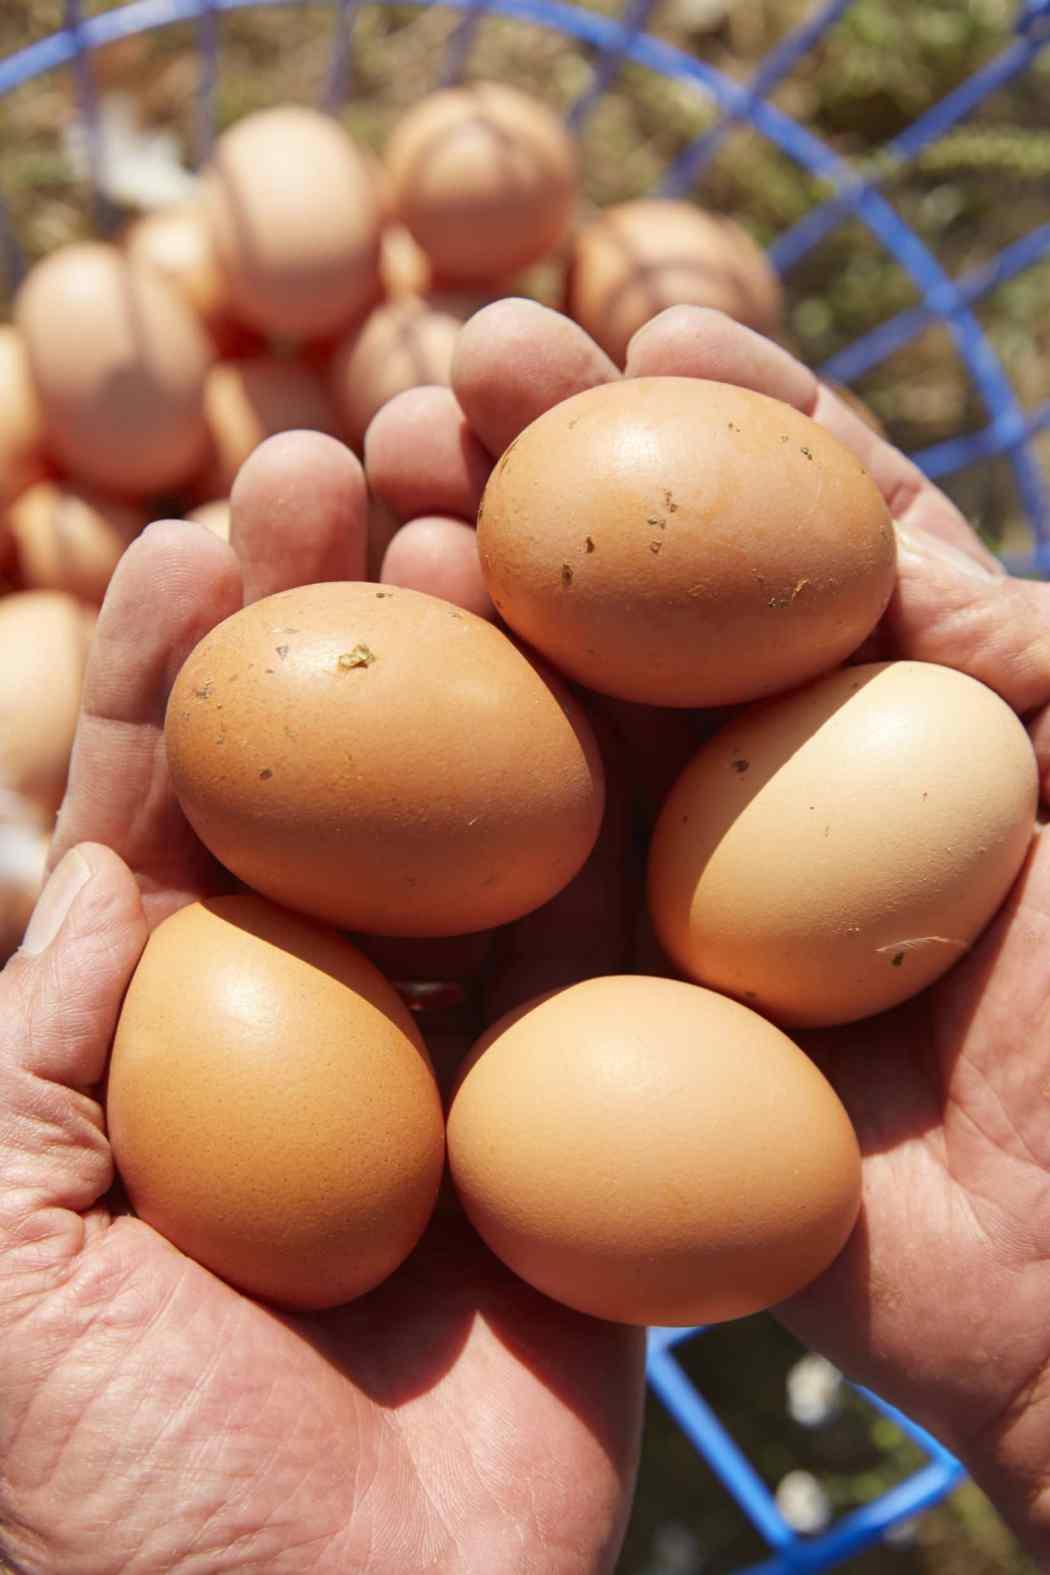 free range eggs-HelloFresh-farmer-happy-egg-co